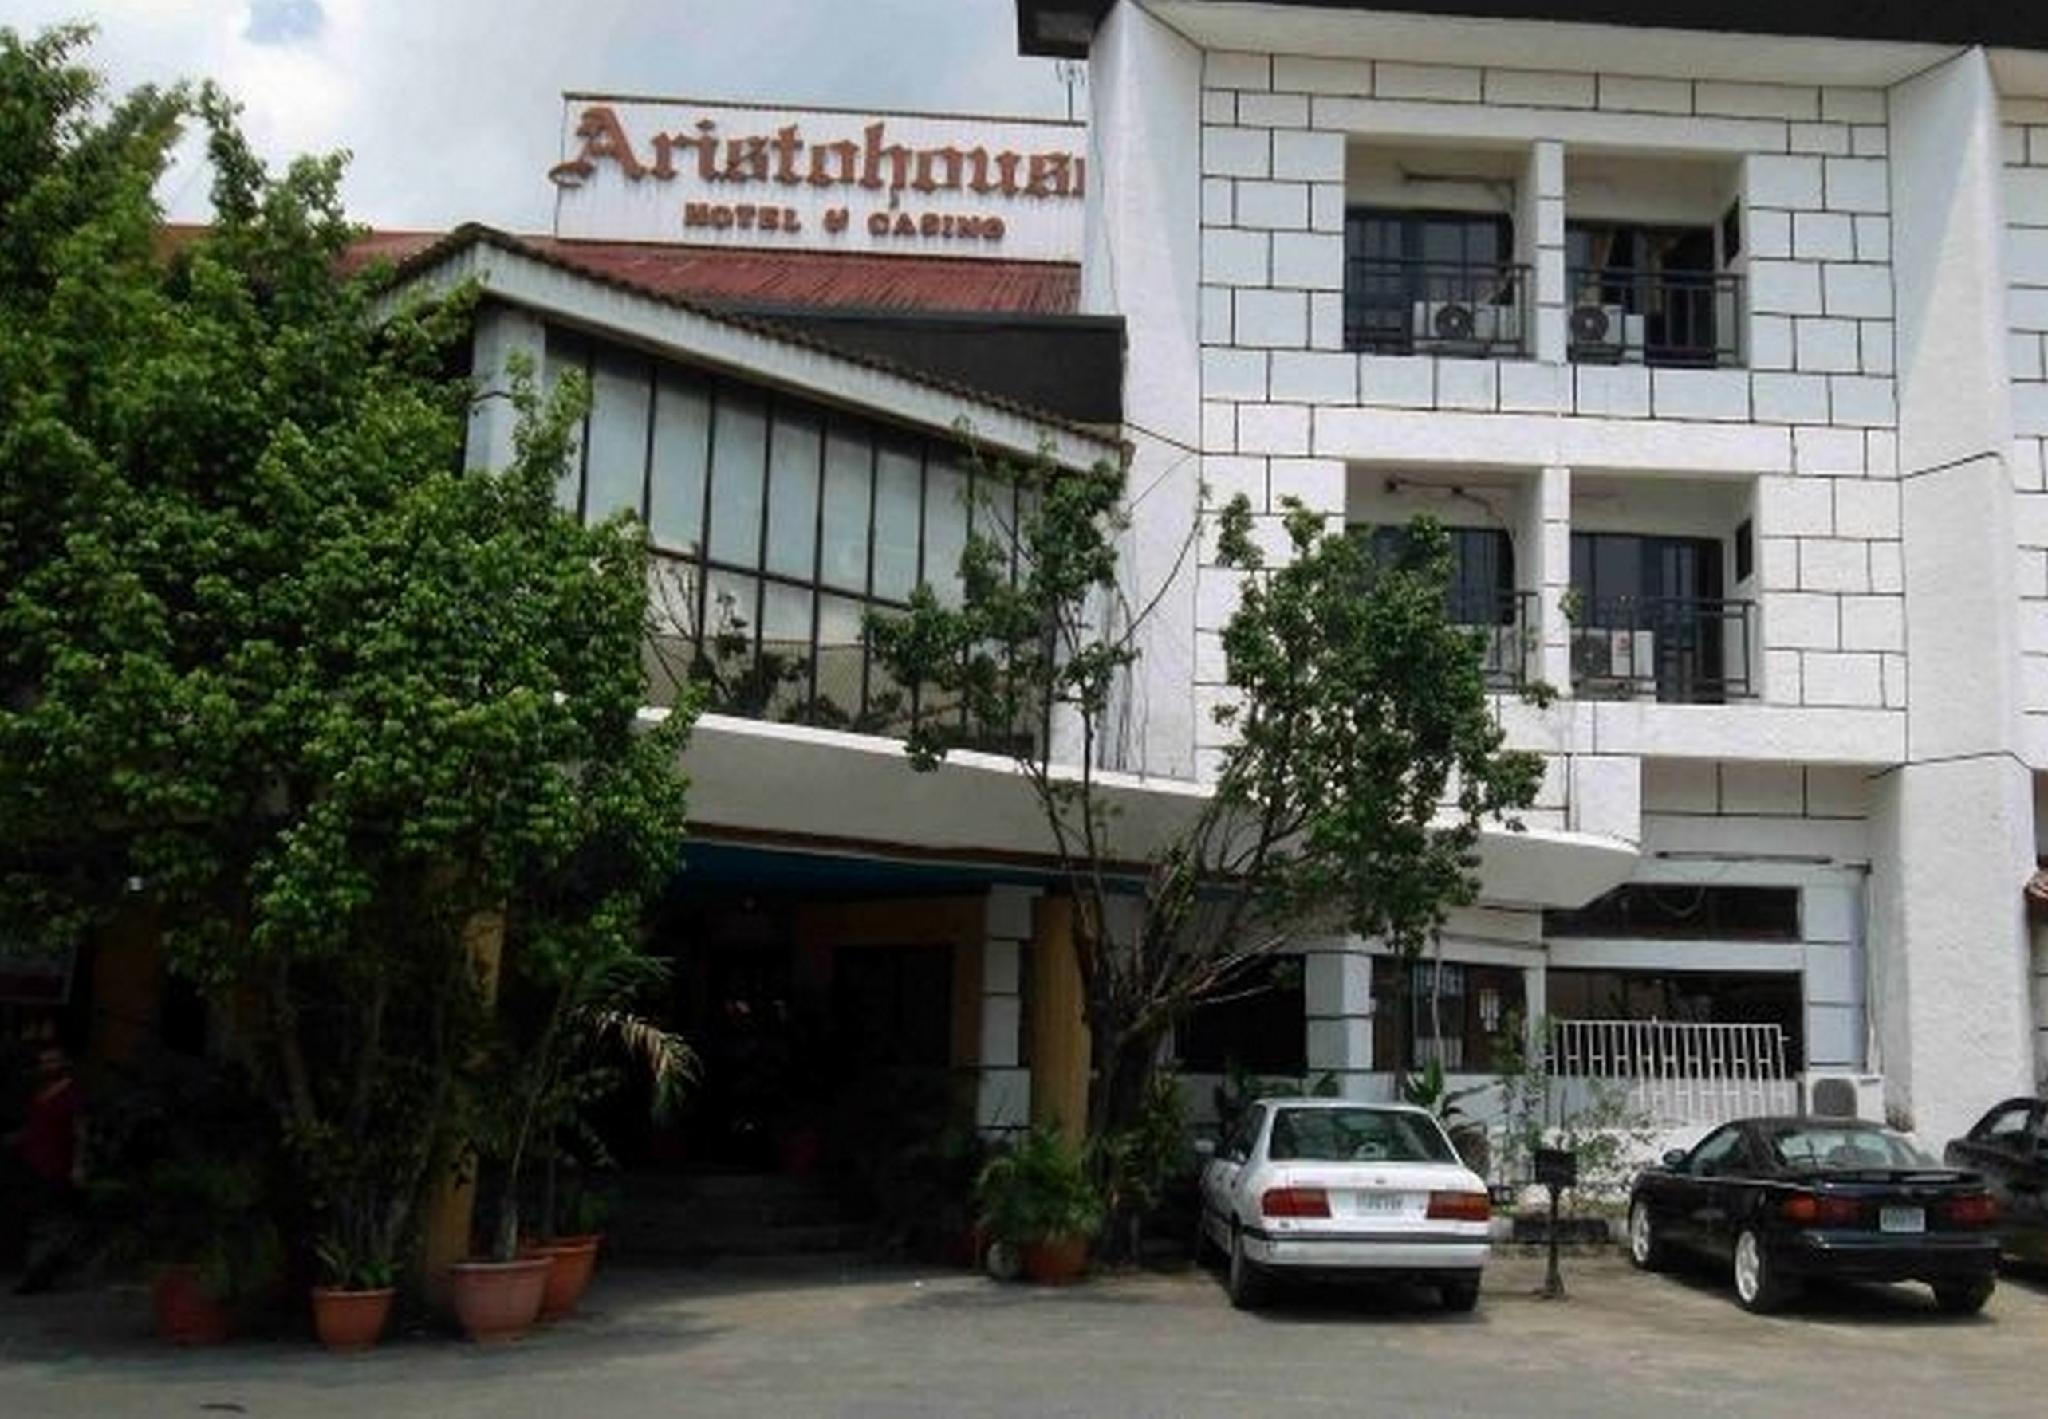 Aristohouse Hotels And Casino